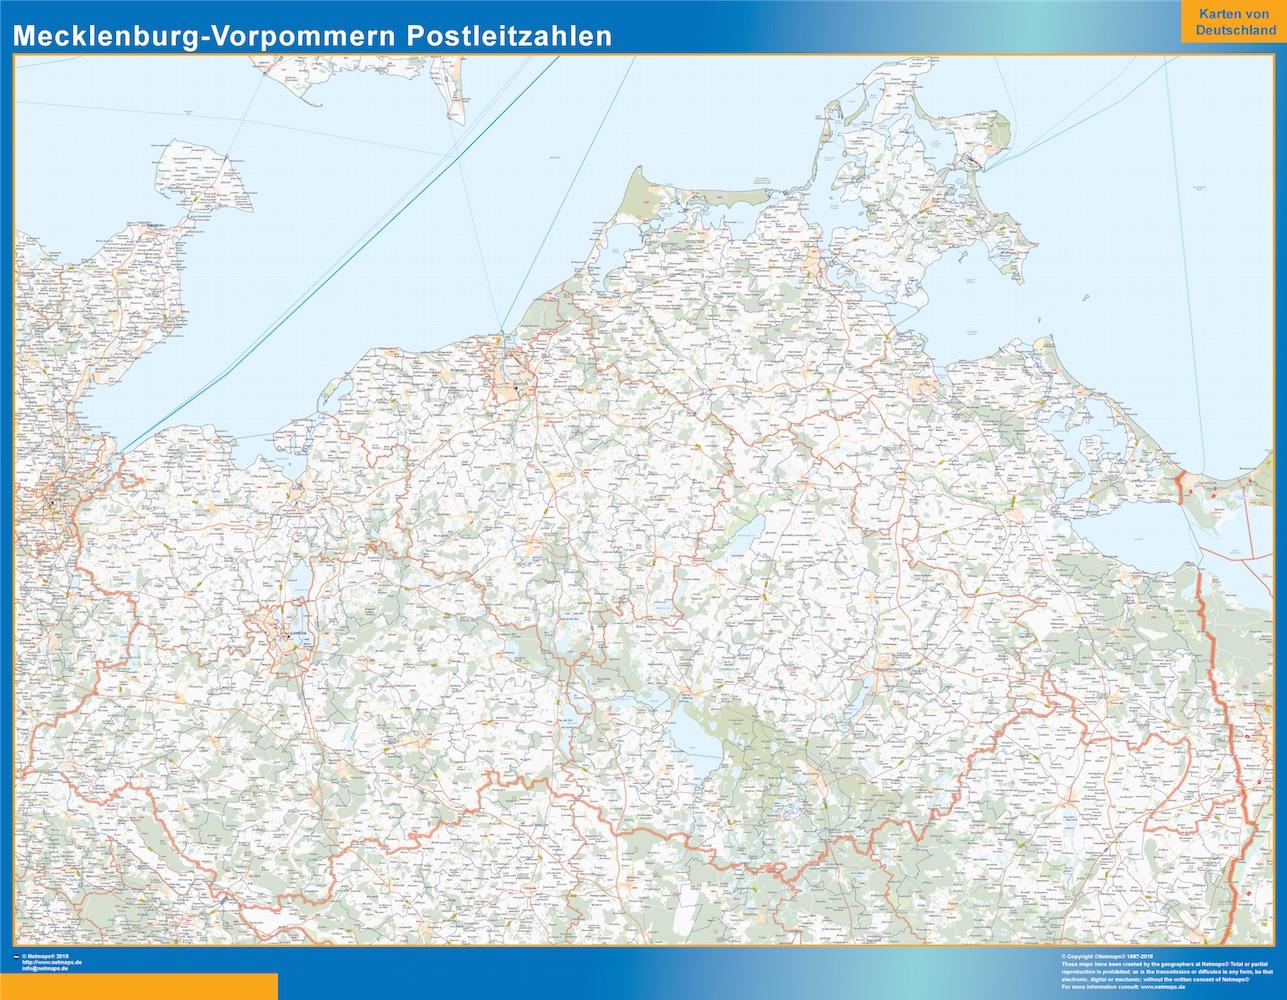 Mecklenburg-Vorpommern Postleitzahlen